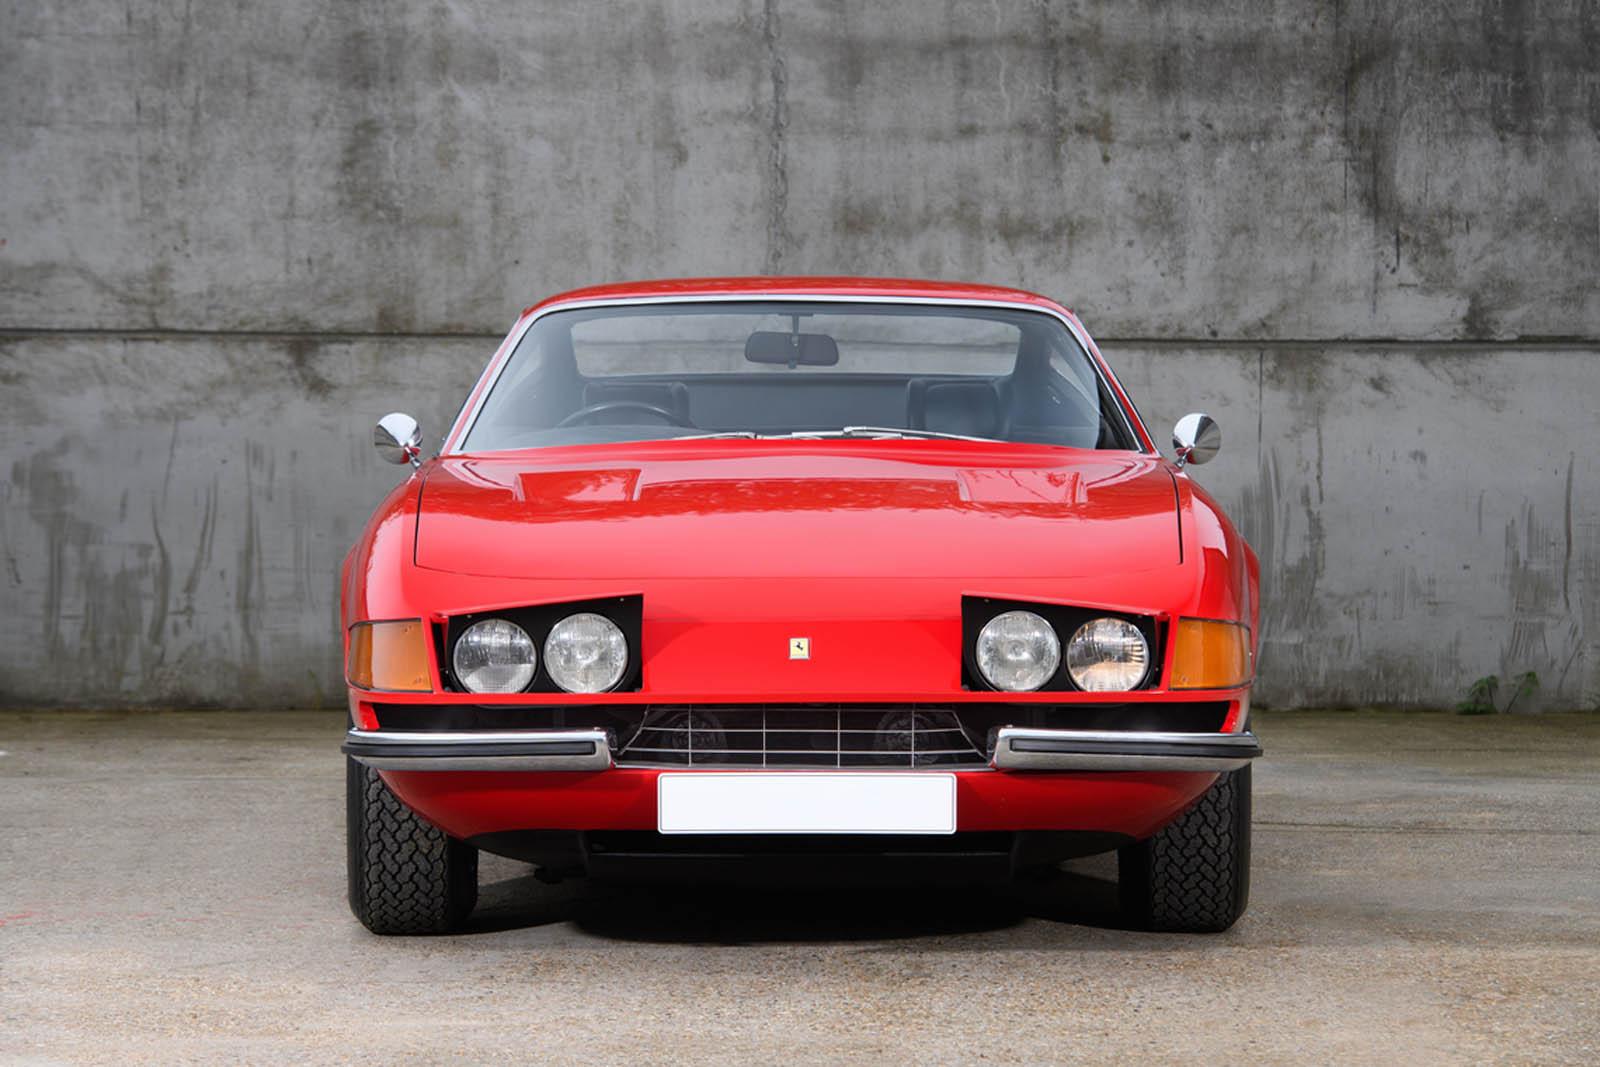 Ferrari-365-GTB4-Daytona-ex-Elton-John-3